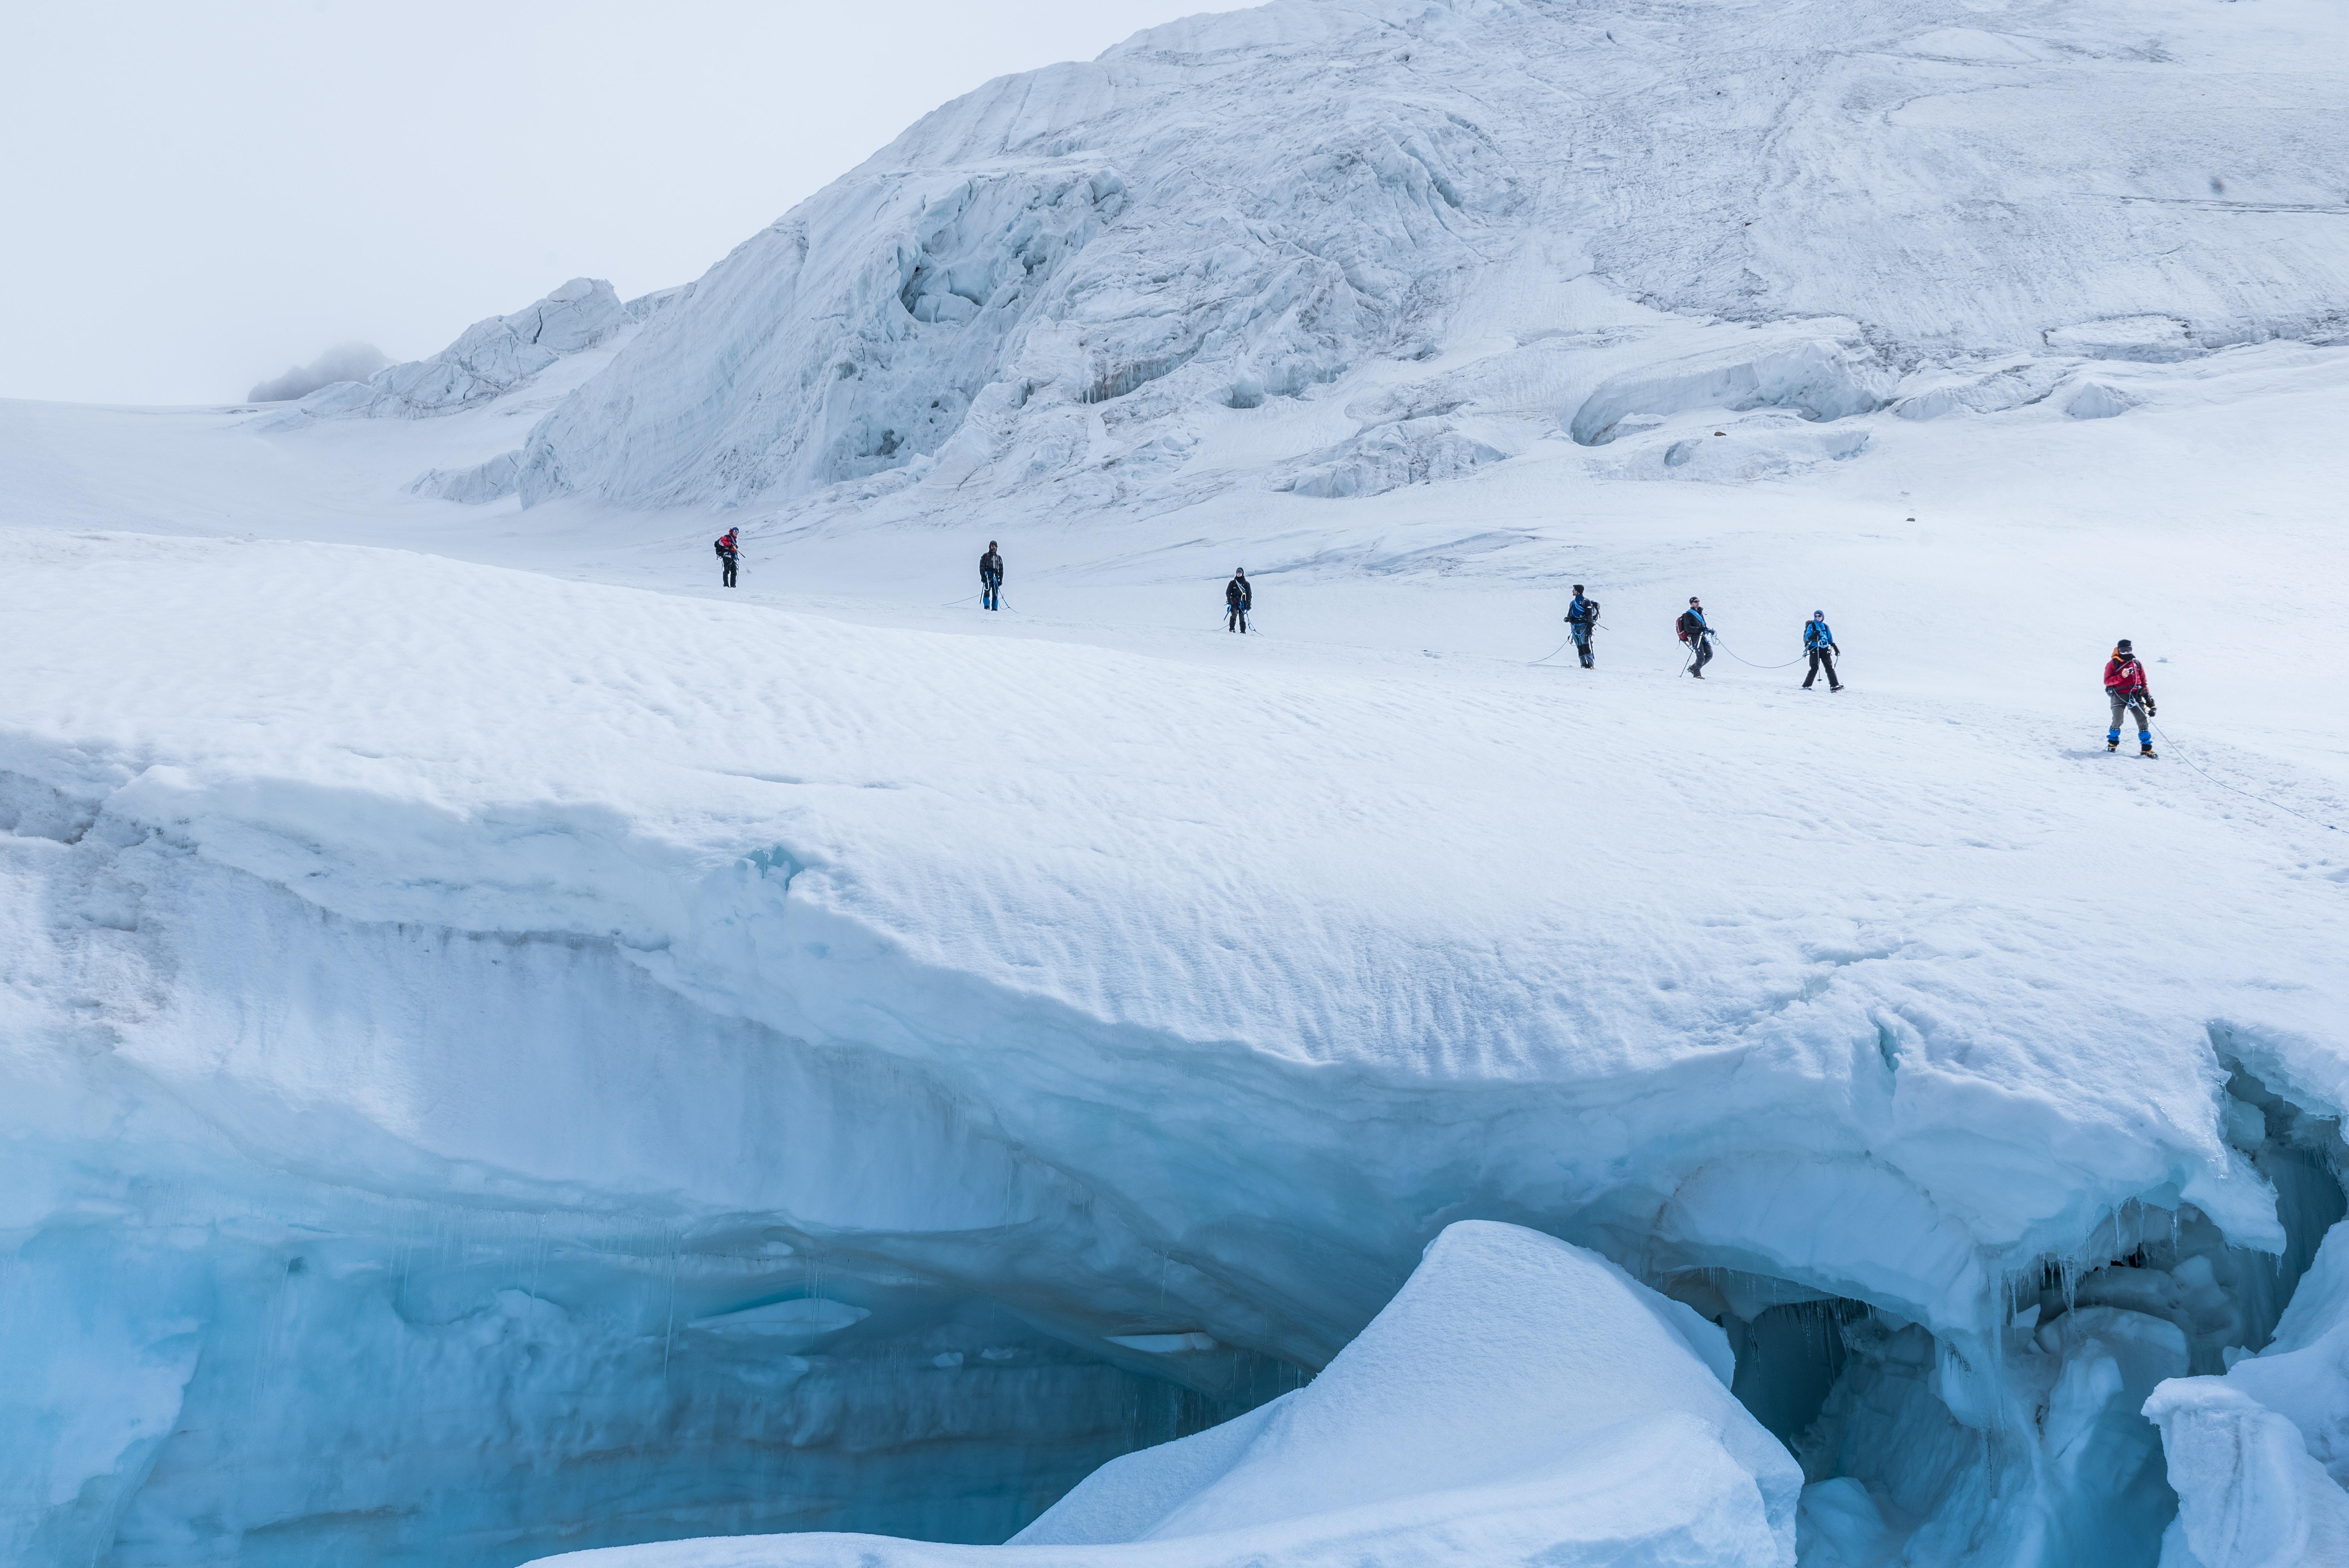 people walking on snow mountain during daytime